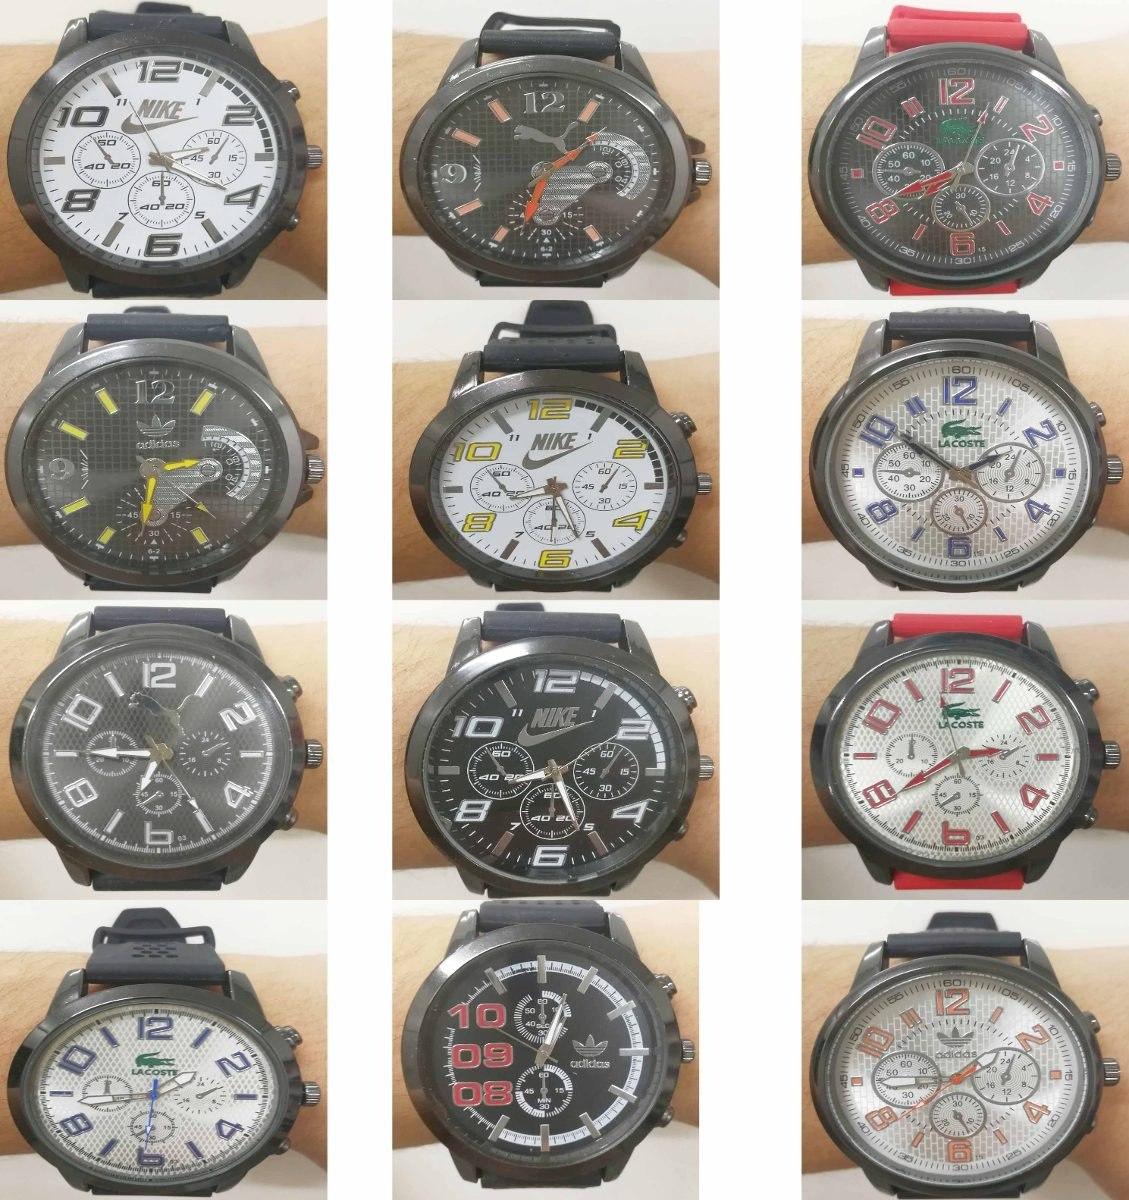 f7208e6aeb9 ... relógios masculino silicone atacado+suporte revenda. Carregando zoom.